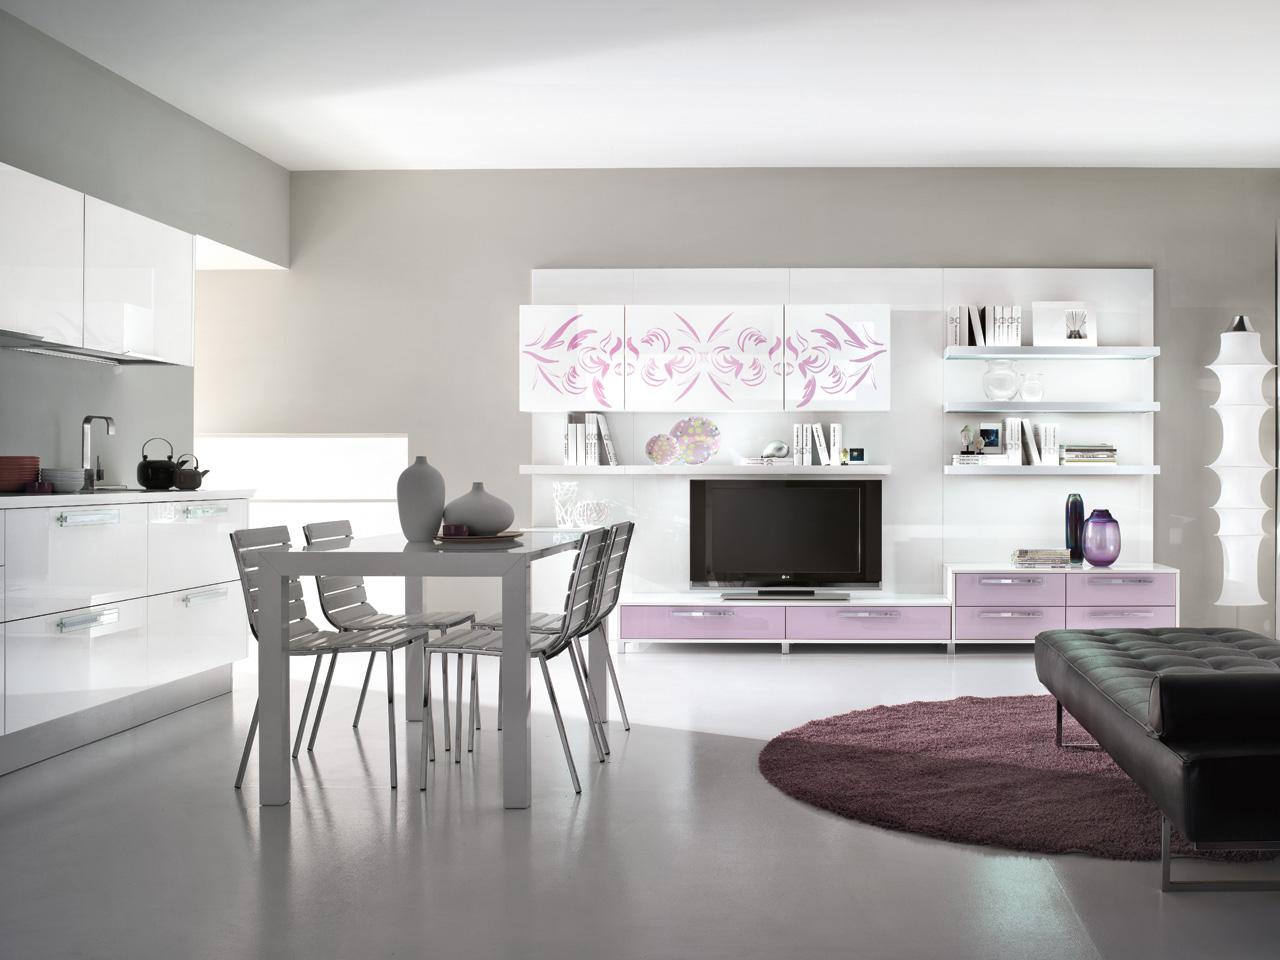 Camera Da Letto Moderna Con Controsoffitta E Parete Attrezzata Interior Design : Veranda idee wit